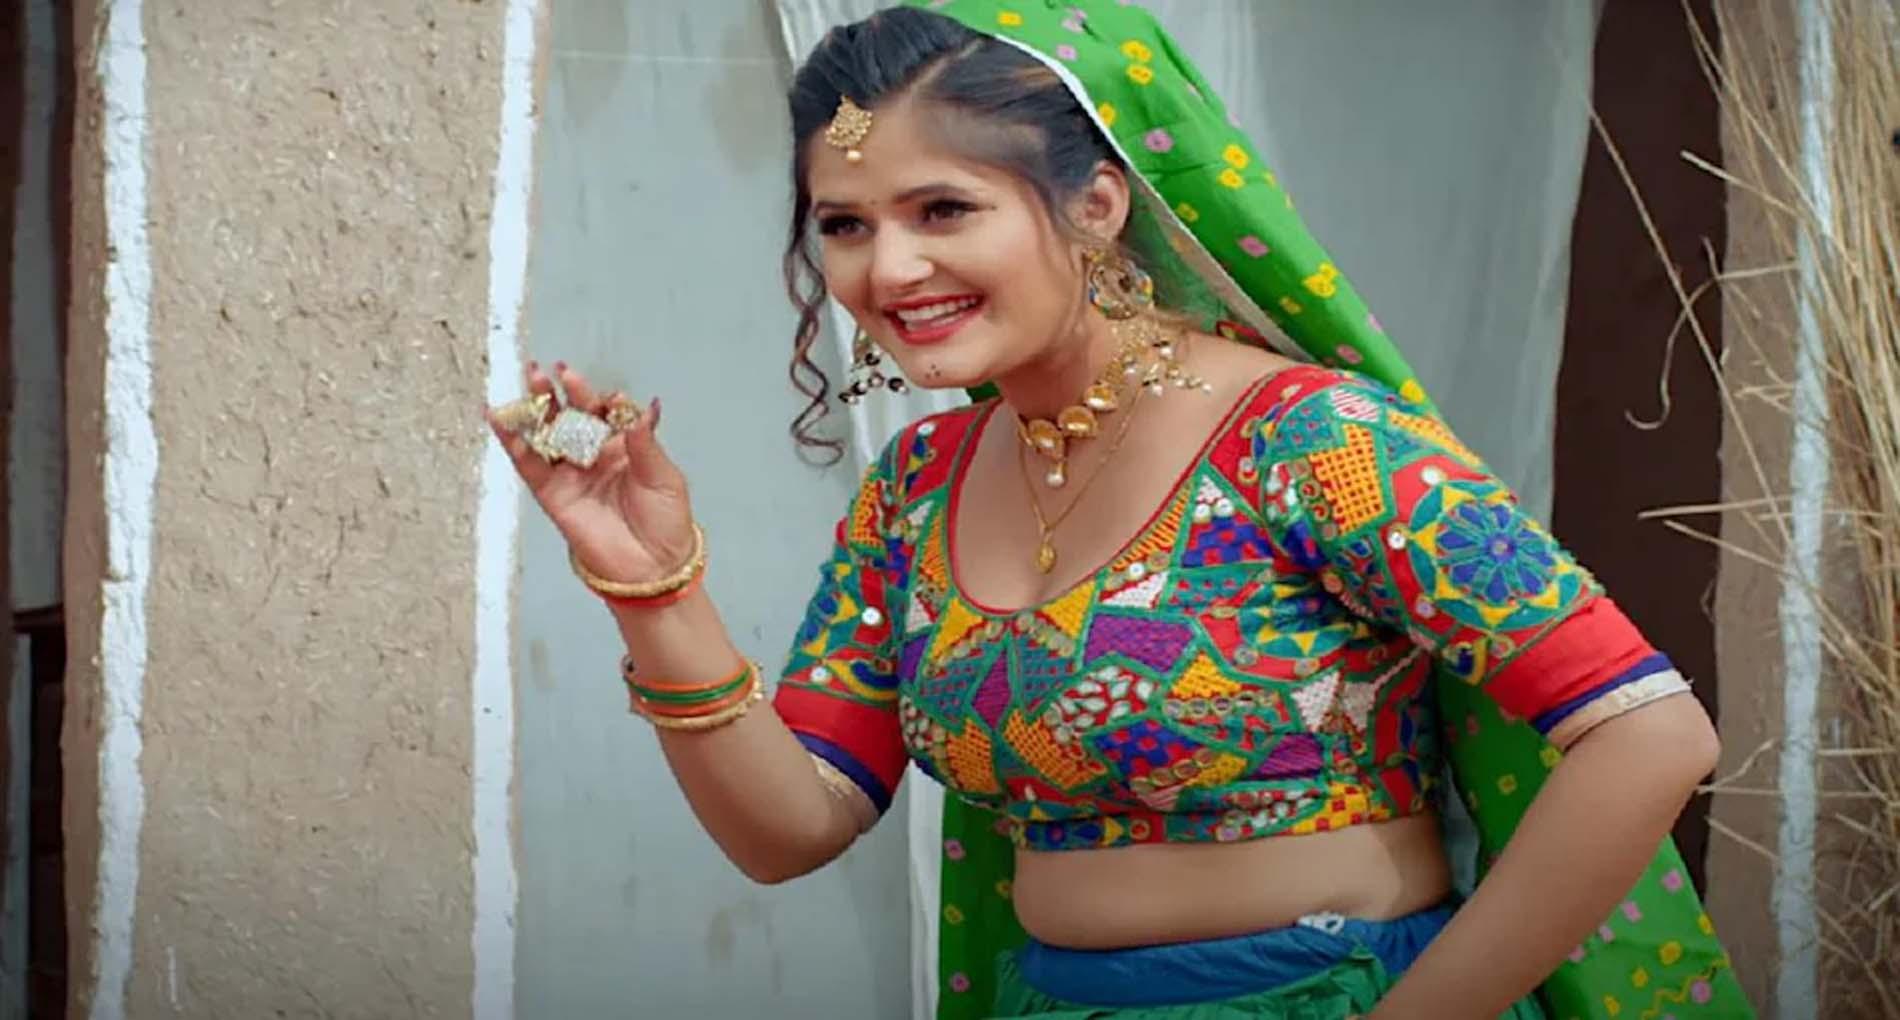 Haryanvi Song: अंजलि राघव के नए गाने के दीवाने हुए फैंस! वीडियो पर 30 लाख के पार व्यूज